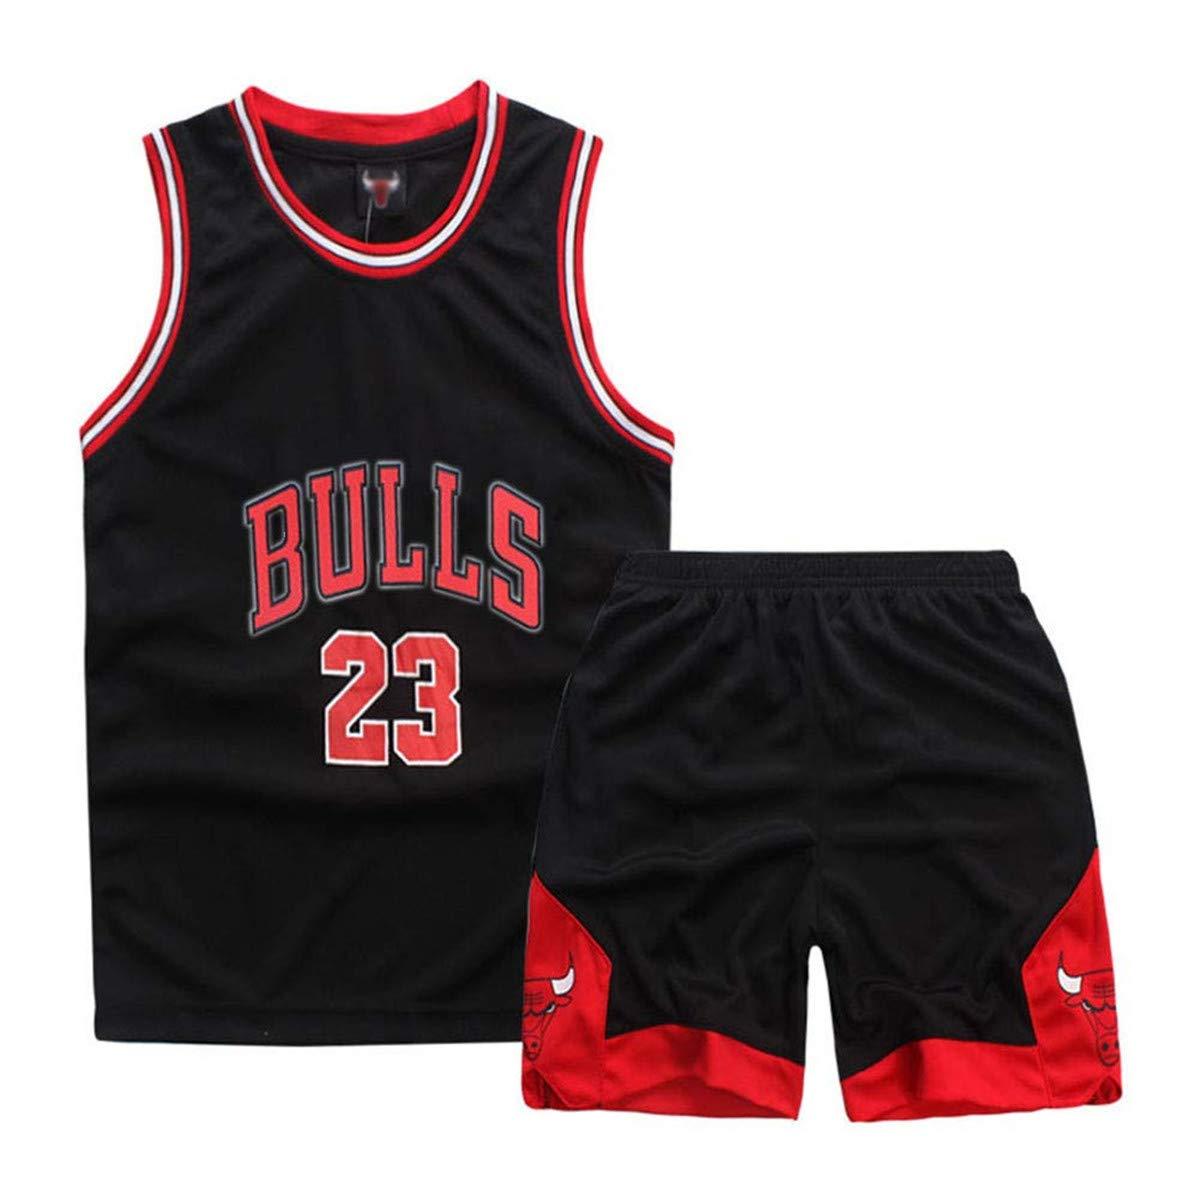 Nino Nino Nba Michael Jordan 23 Chicago Bulls Retro Pantalones Cortos De Baloncesto Camisetas De Verano Uniformes Y Tops De Baloncesto Deportes Y Aire Libre Grupobrtelecom Com Br